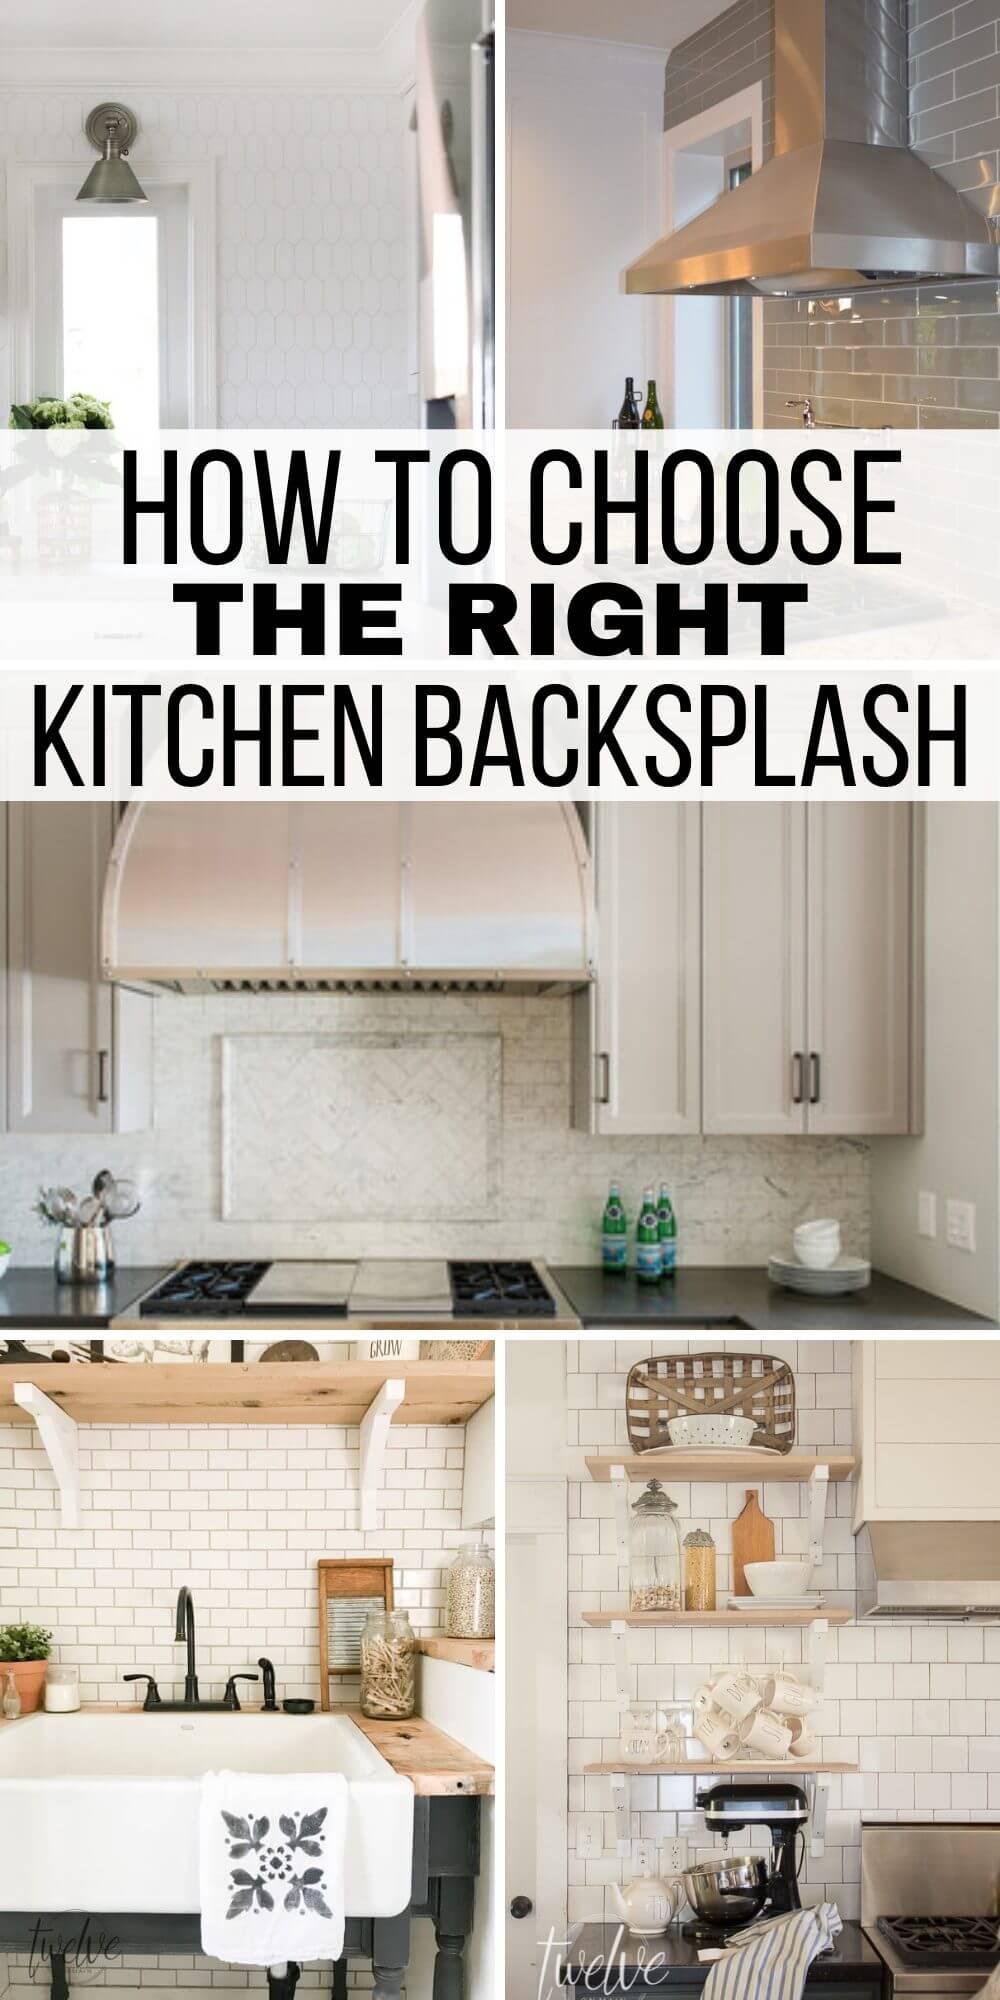 How to Choose a Kitchen Backsplash